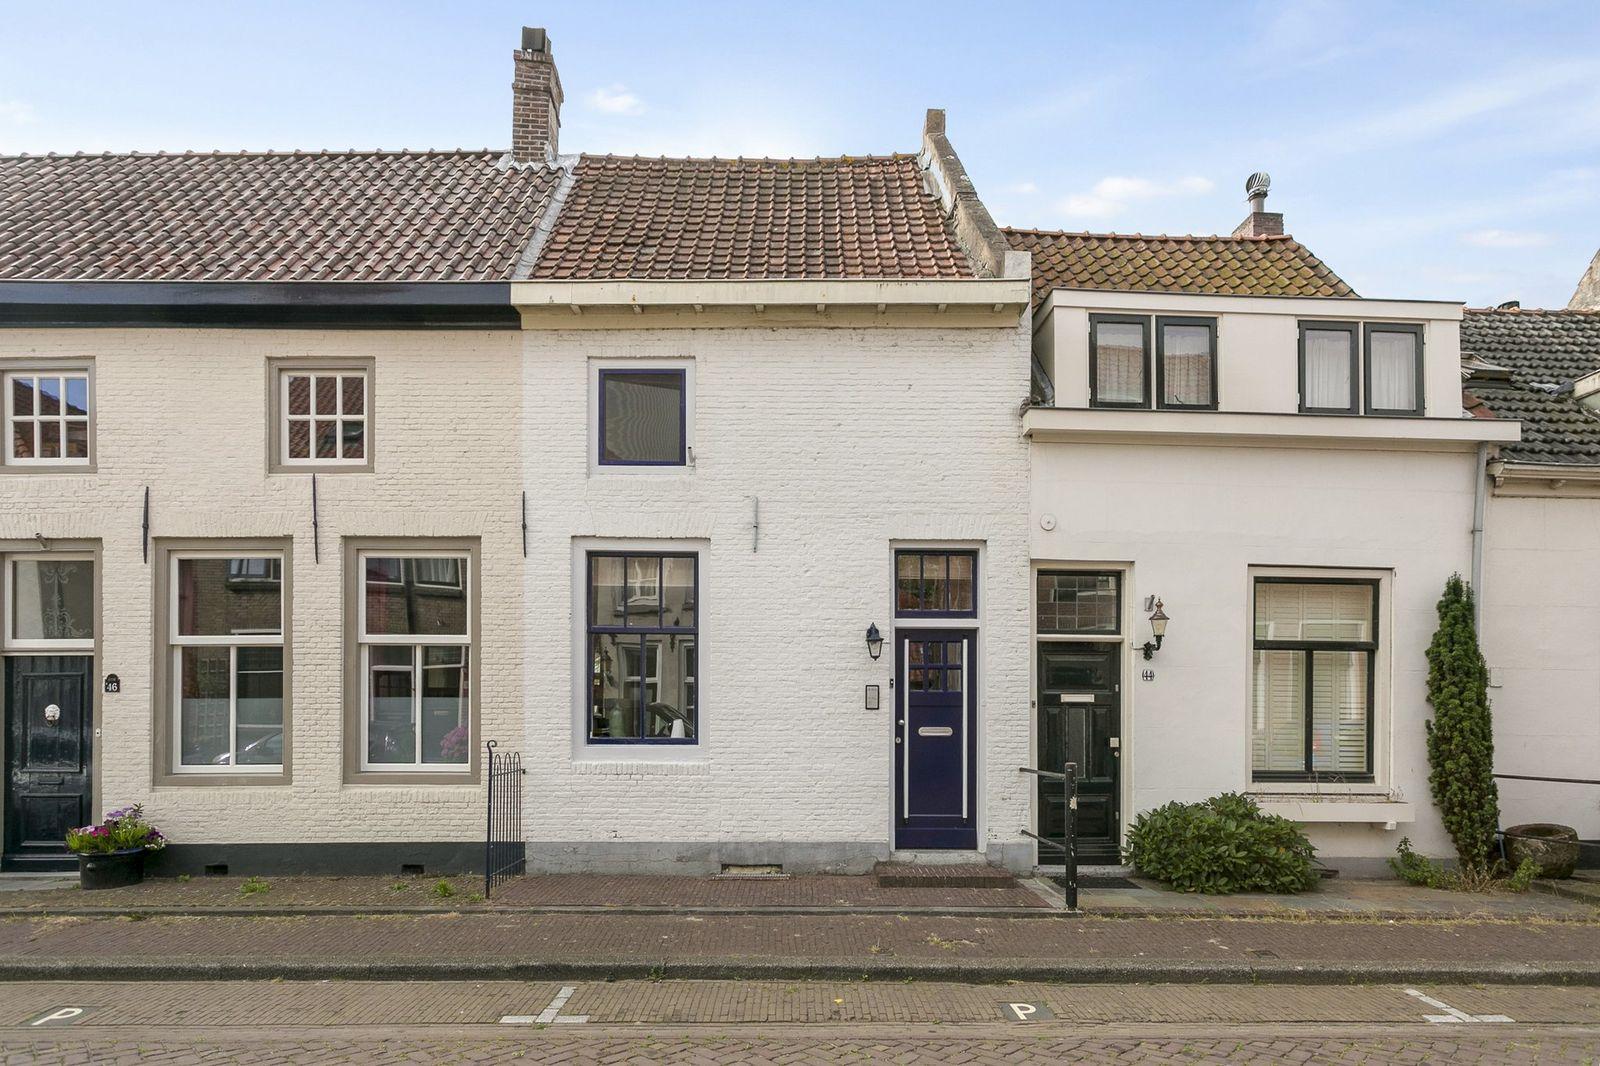 Oenselsestraat 44-a, Zaltbommel